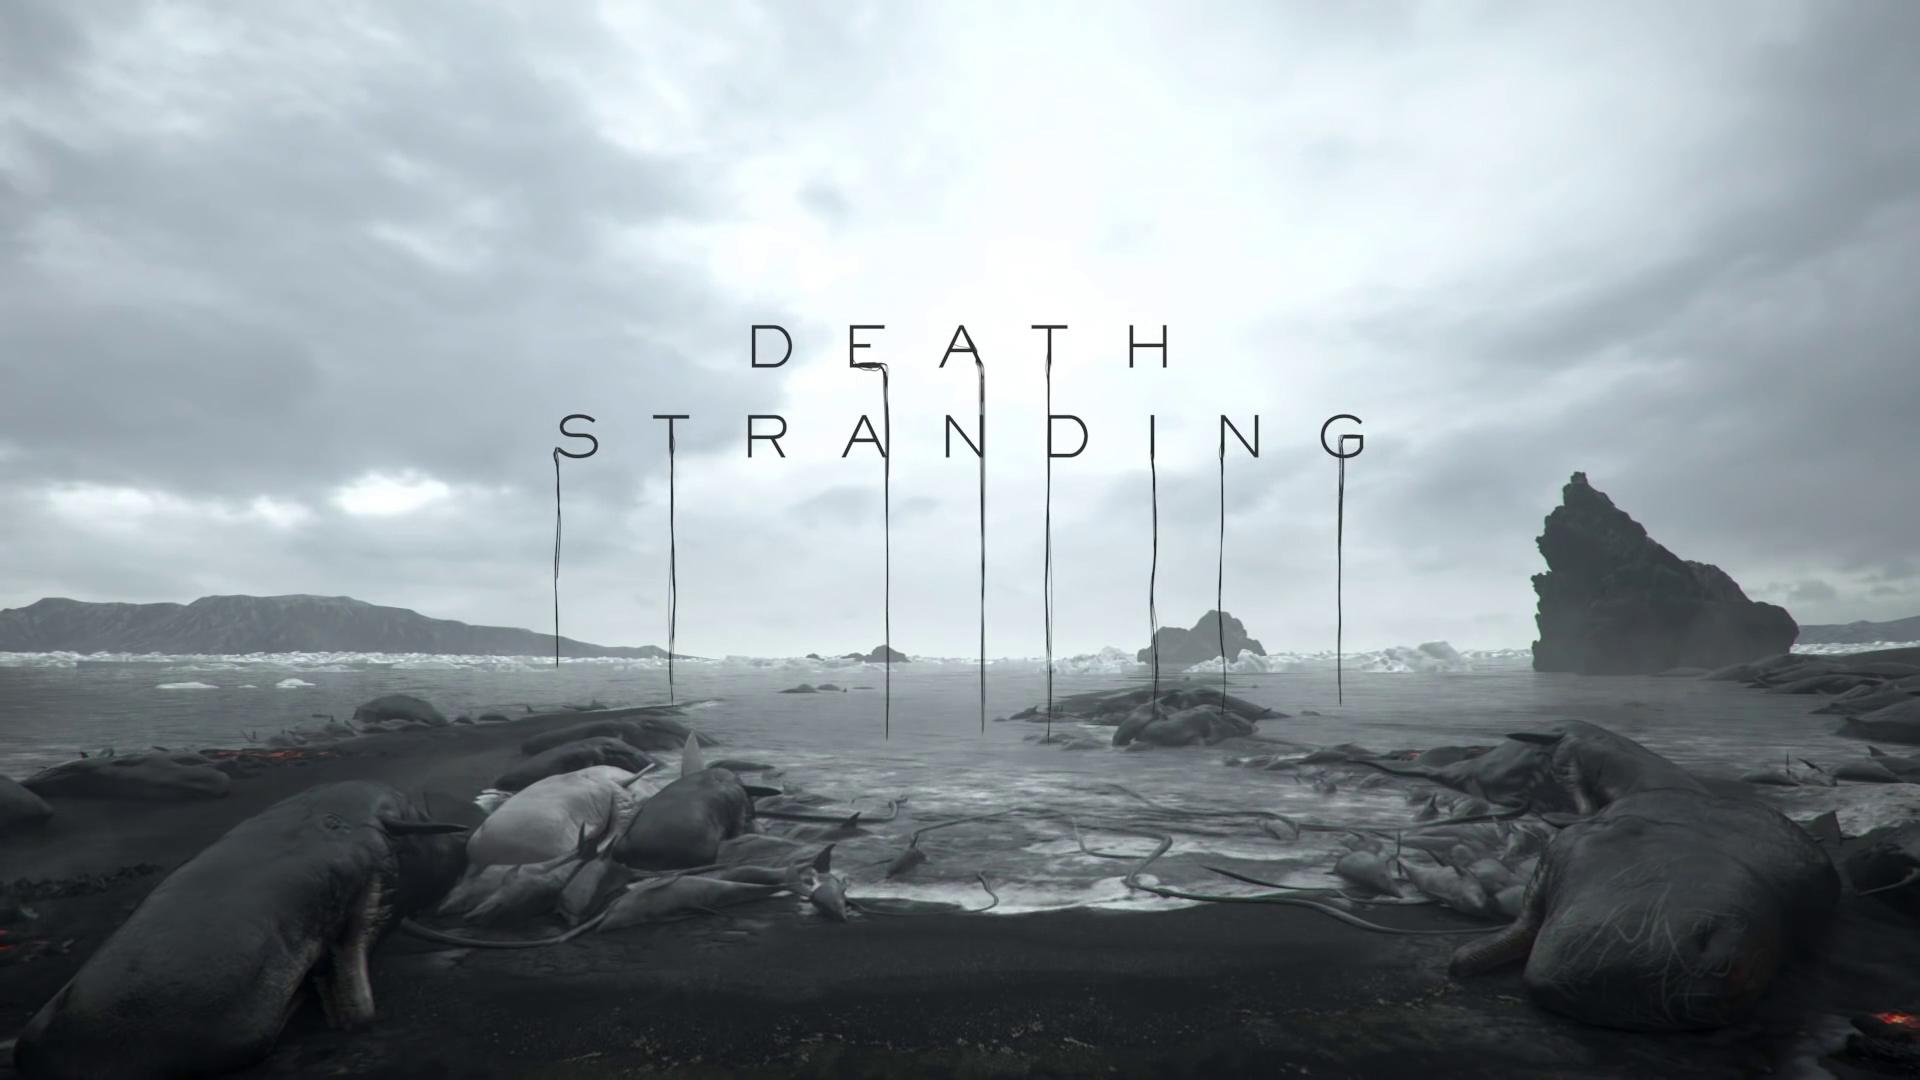 Кодзима пообещал удивить всех в 2018 году объявлением по Death Stranding